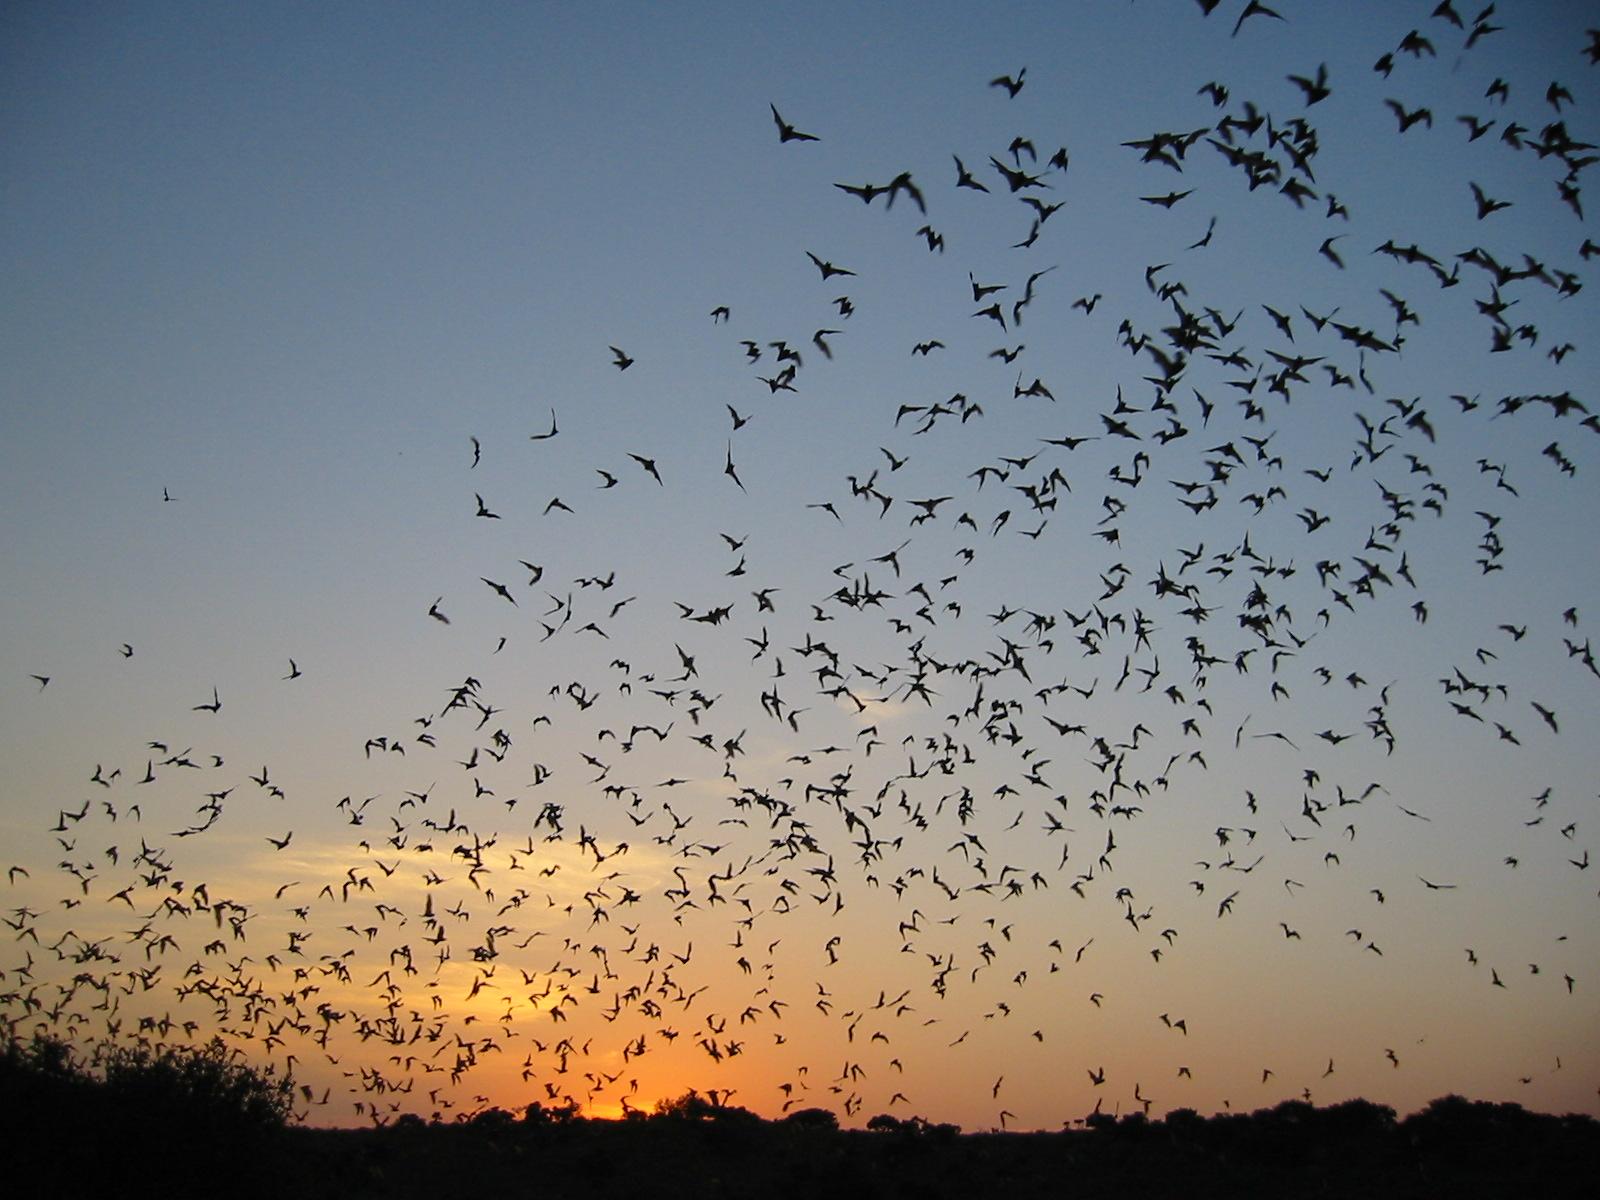 Frio Cave Bat Emergence